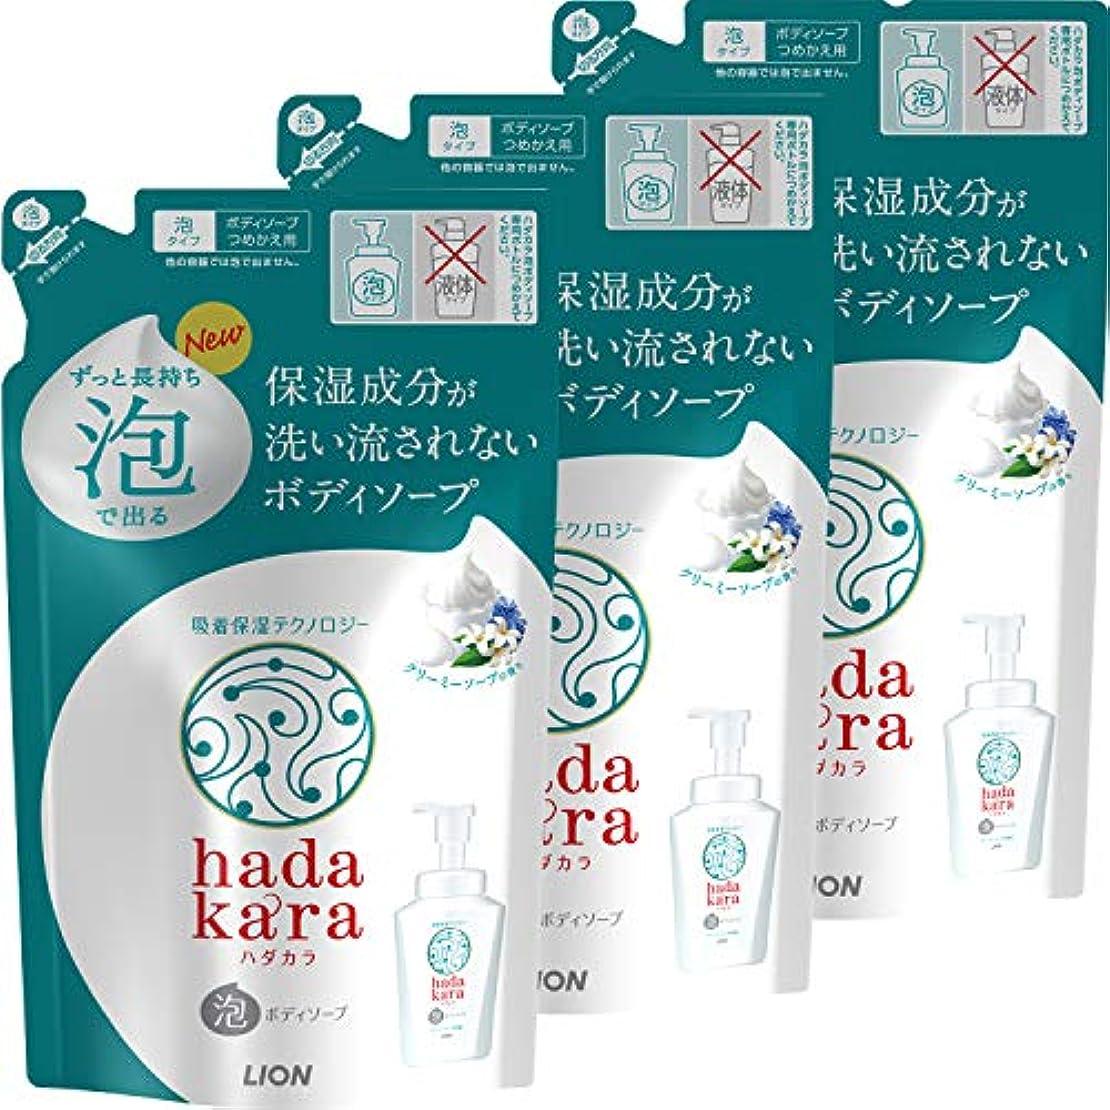 静めるバルコニー朝ごはんhadakara(ハダカラ) ボディソープ 泡タイプ クリーミーソープの香り 詰替440ml×3個